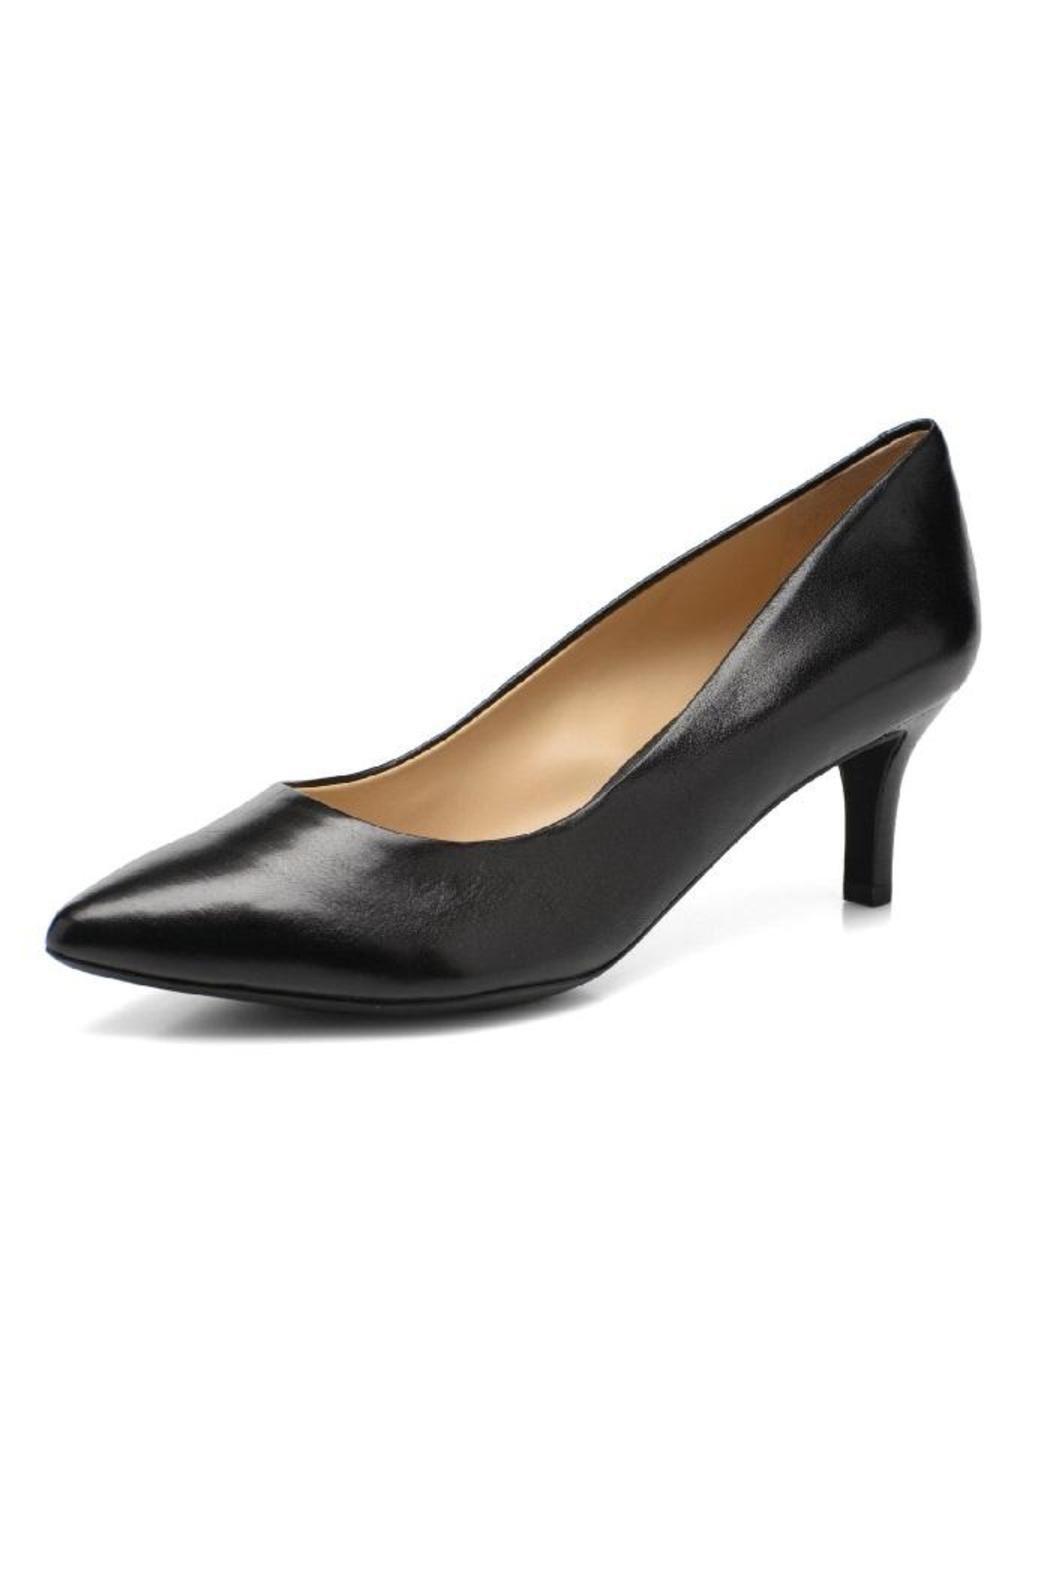 Geox Kitten Heel Kitten Heels Kitten Heel Shoes Heels